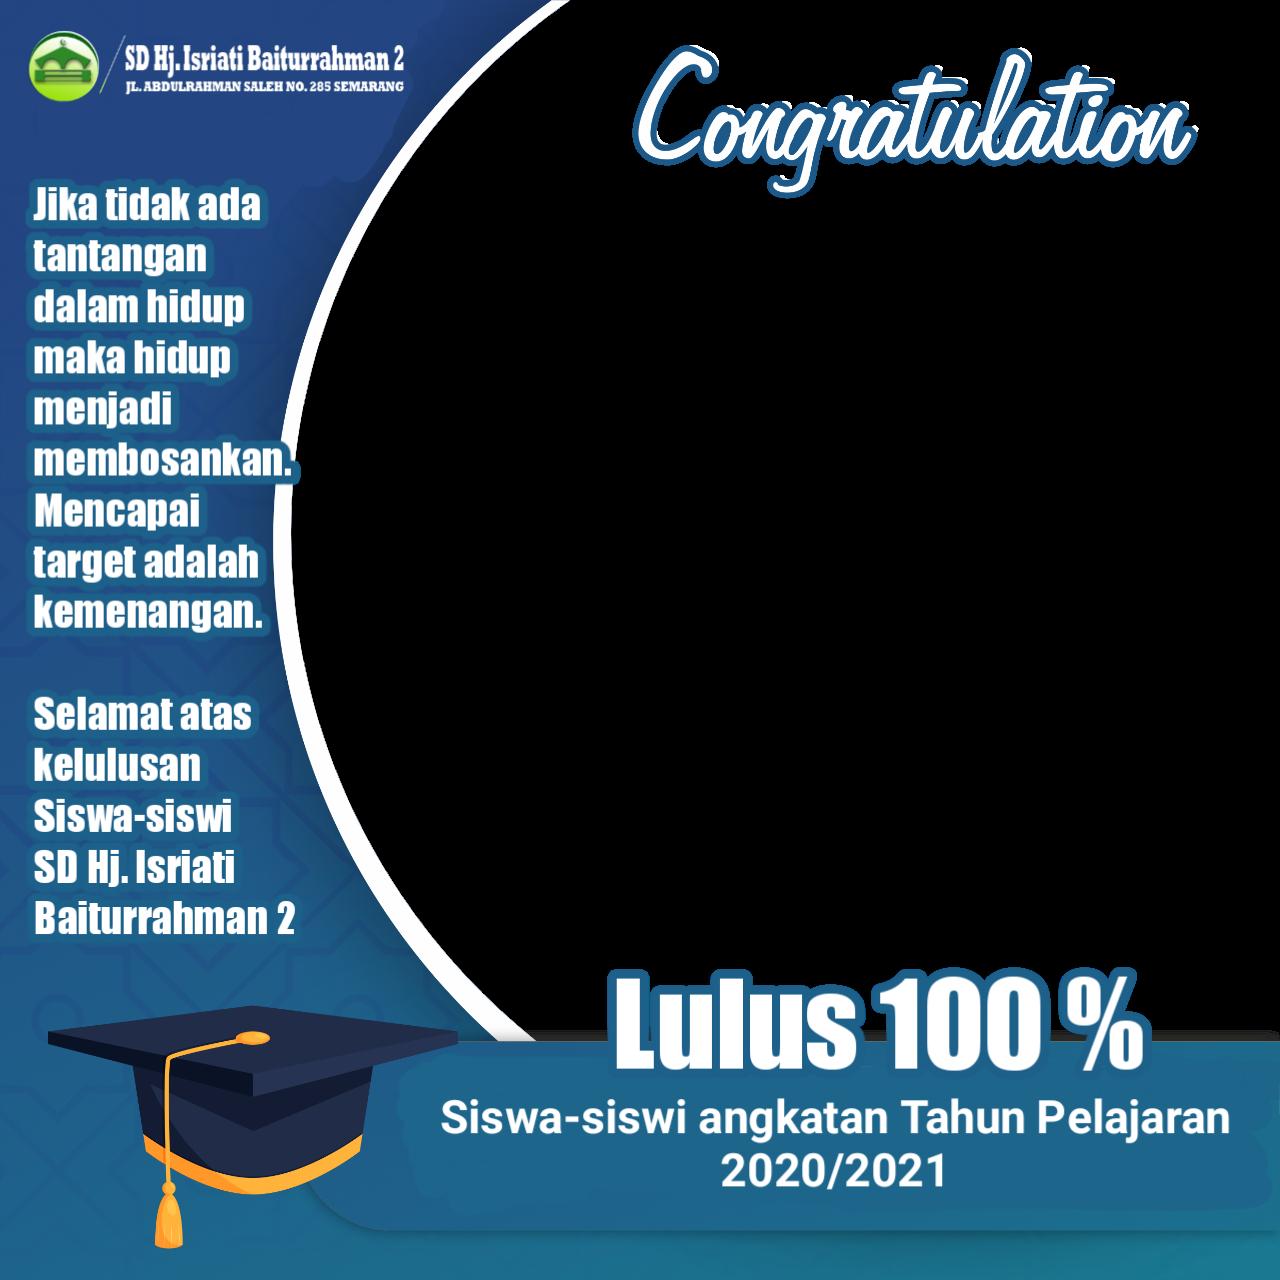 Lulus 100 %